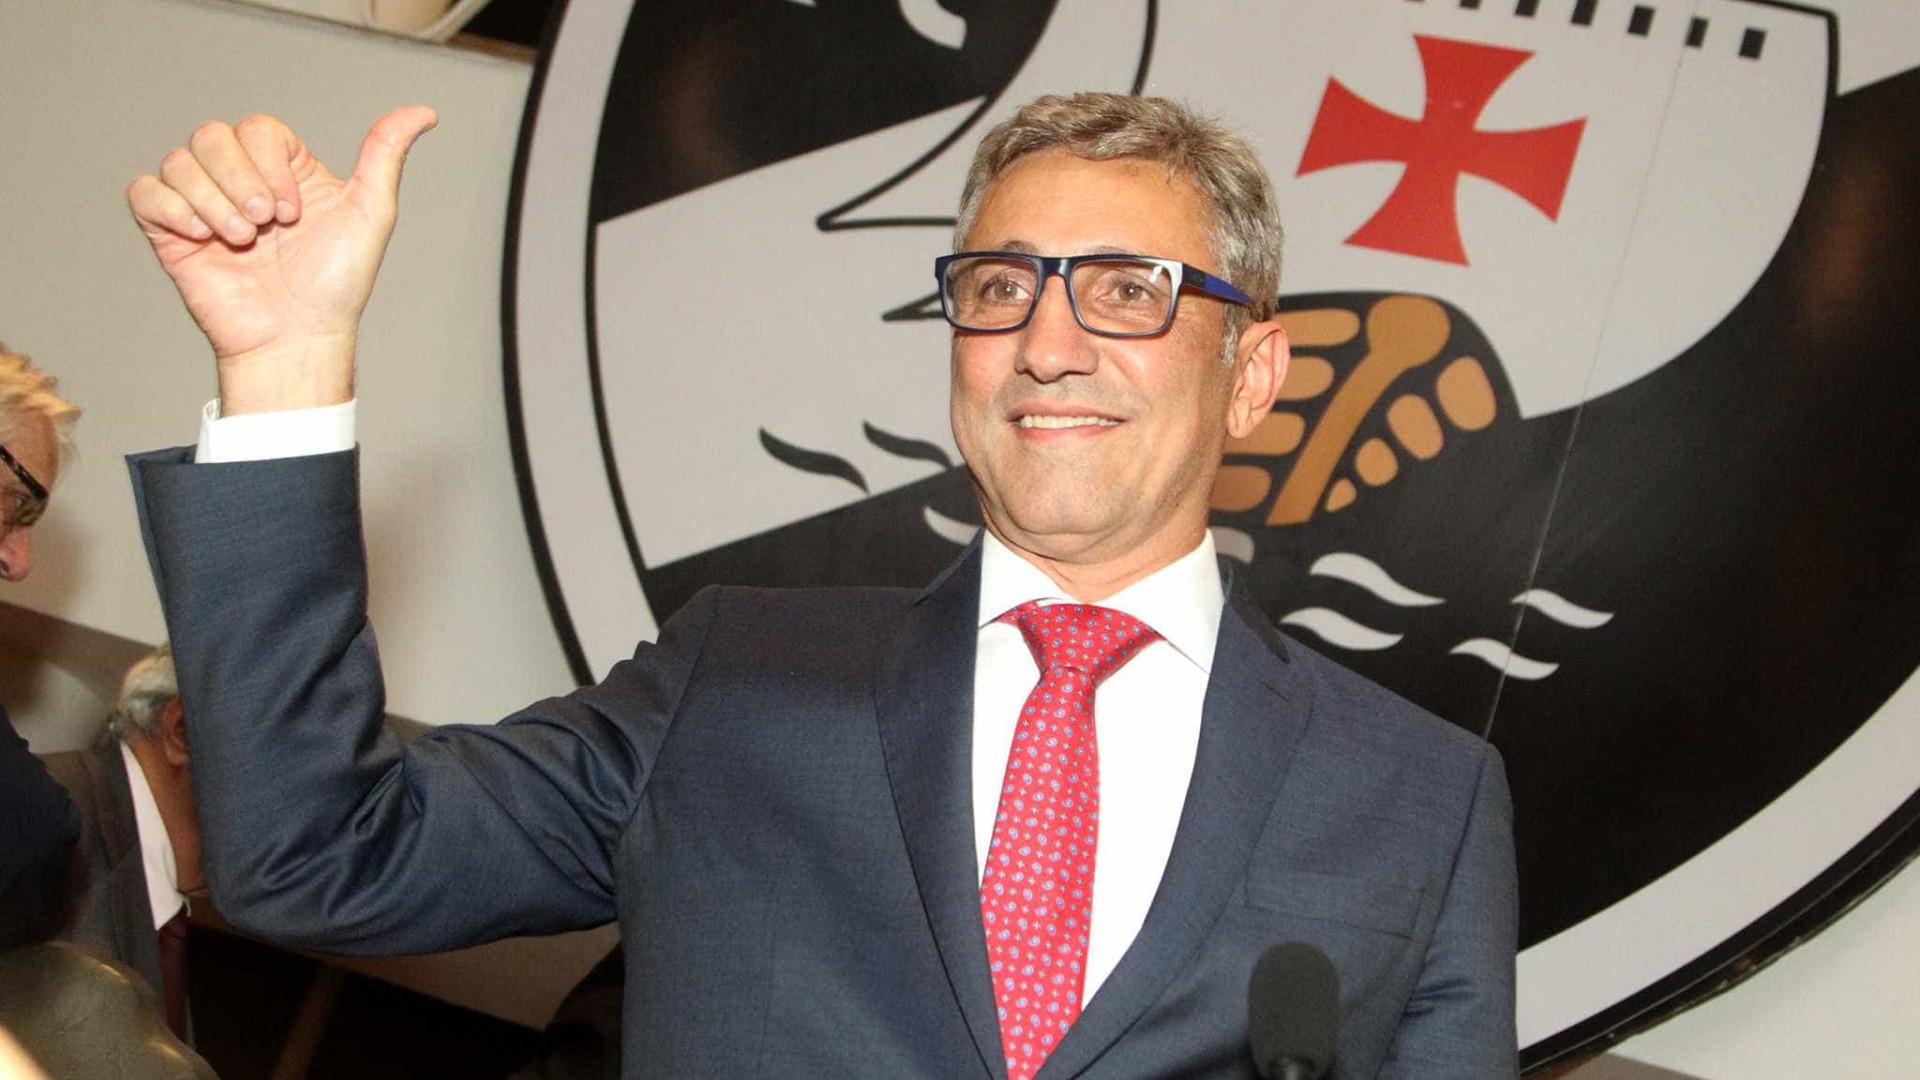 Polícia aponta fraude, e eleição do Vasco pode ser anulada